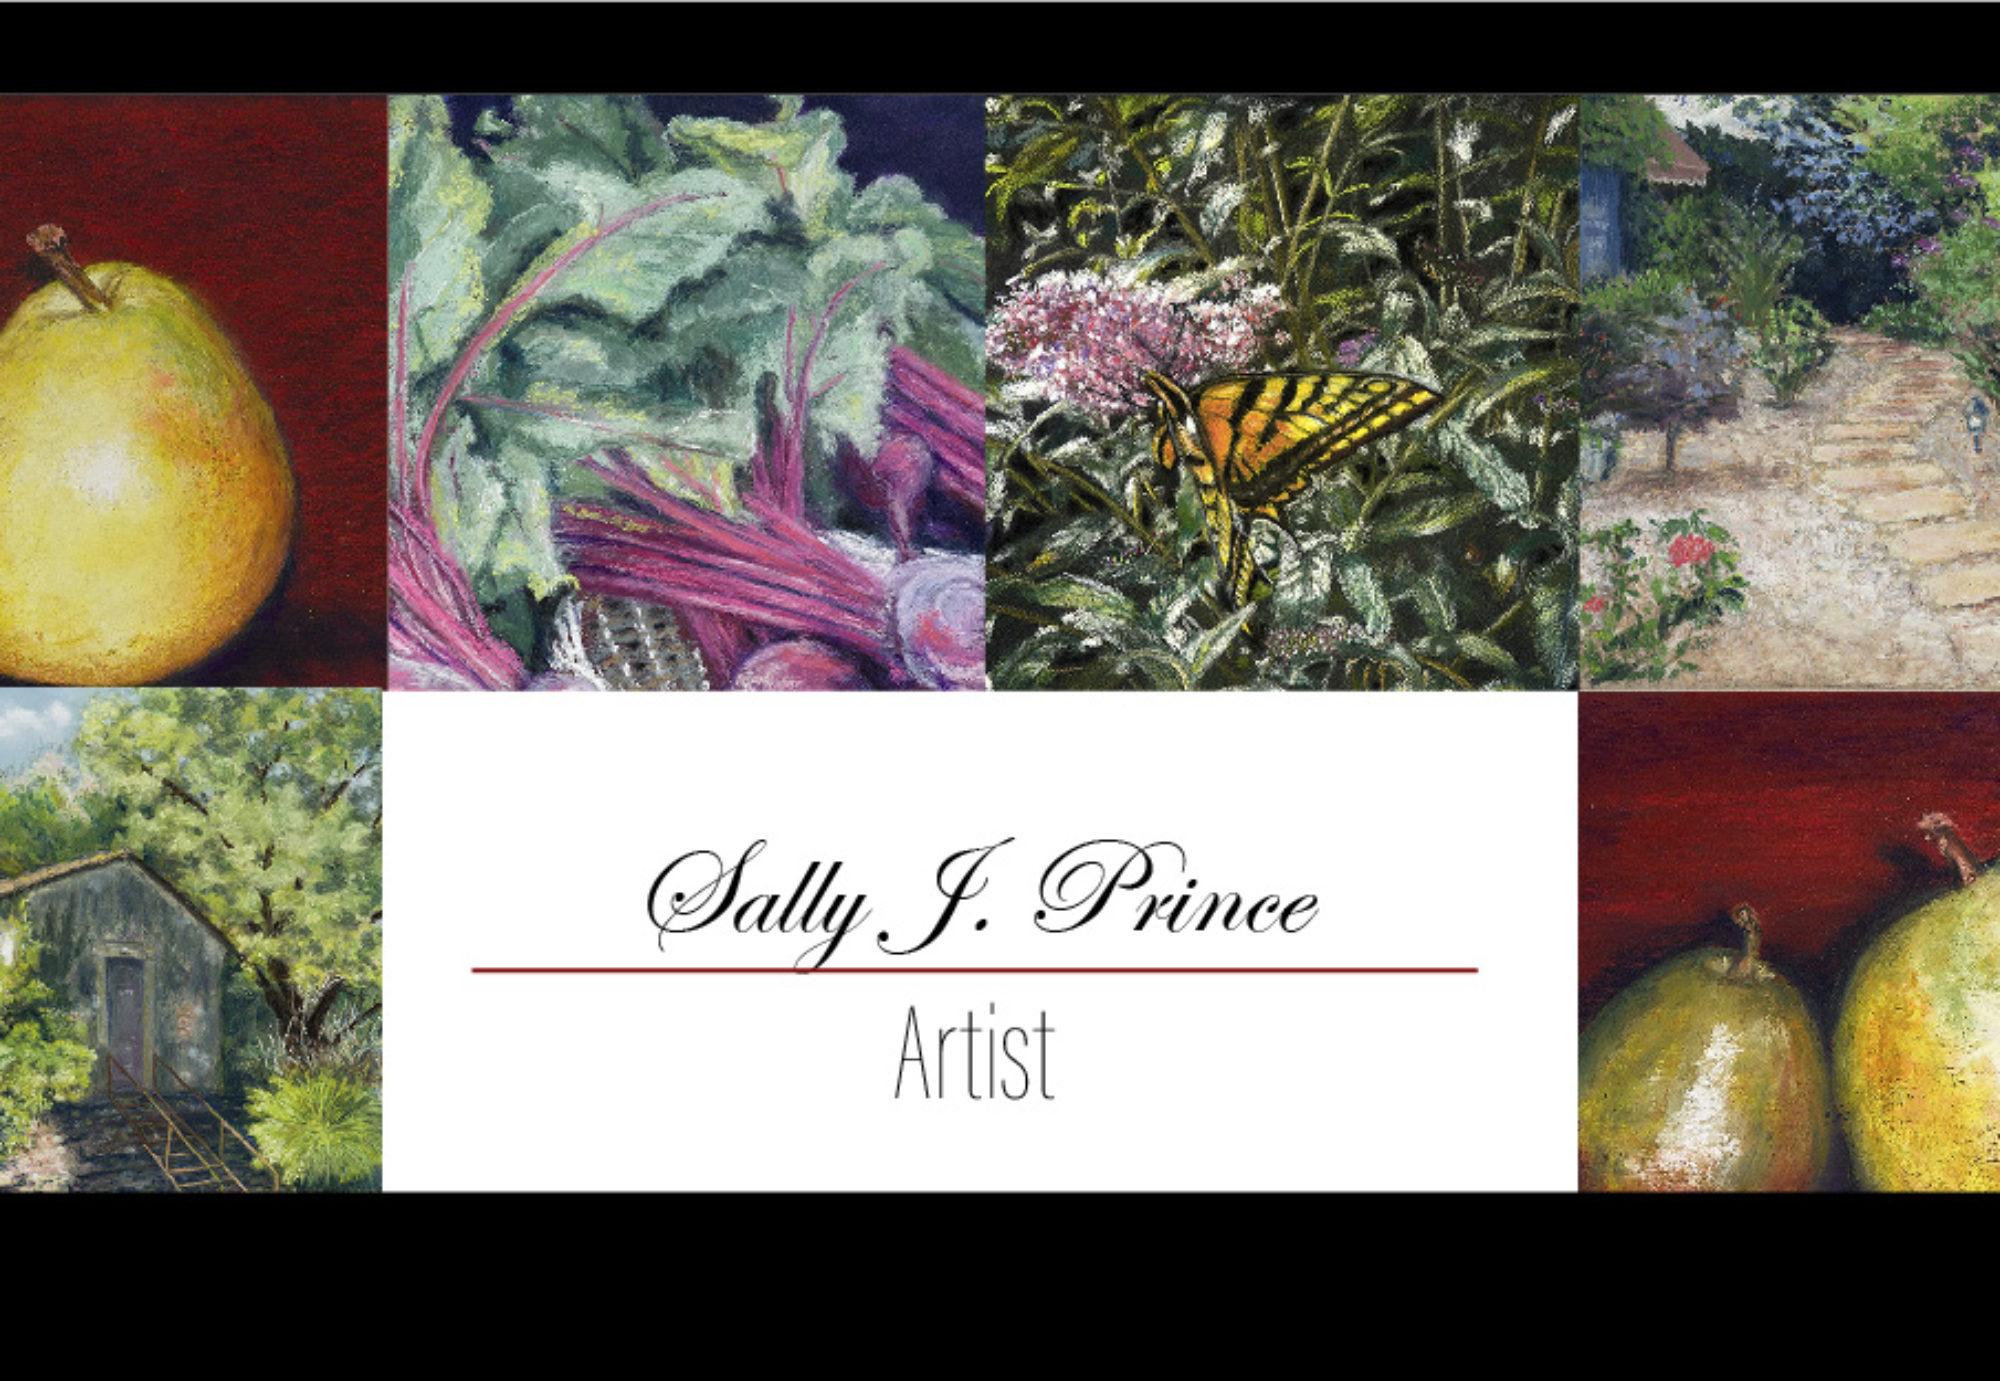 Sally J Prince